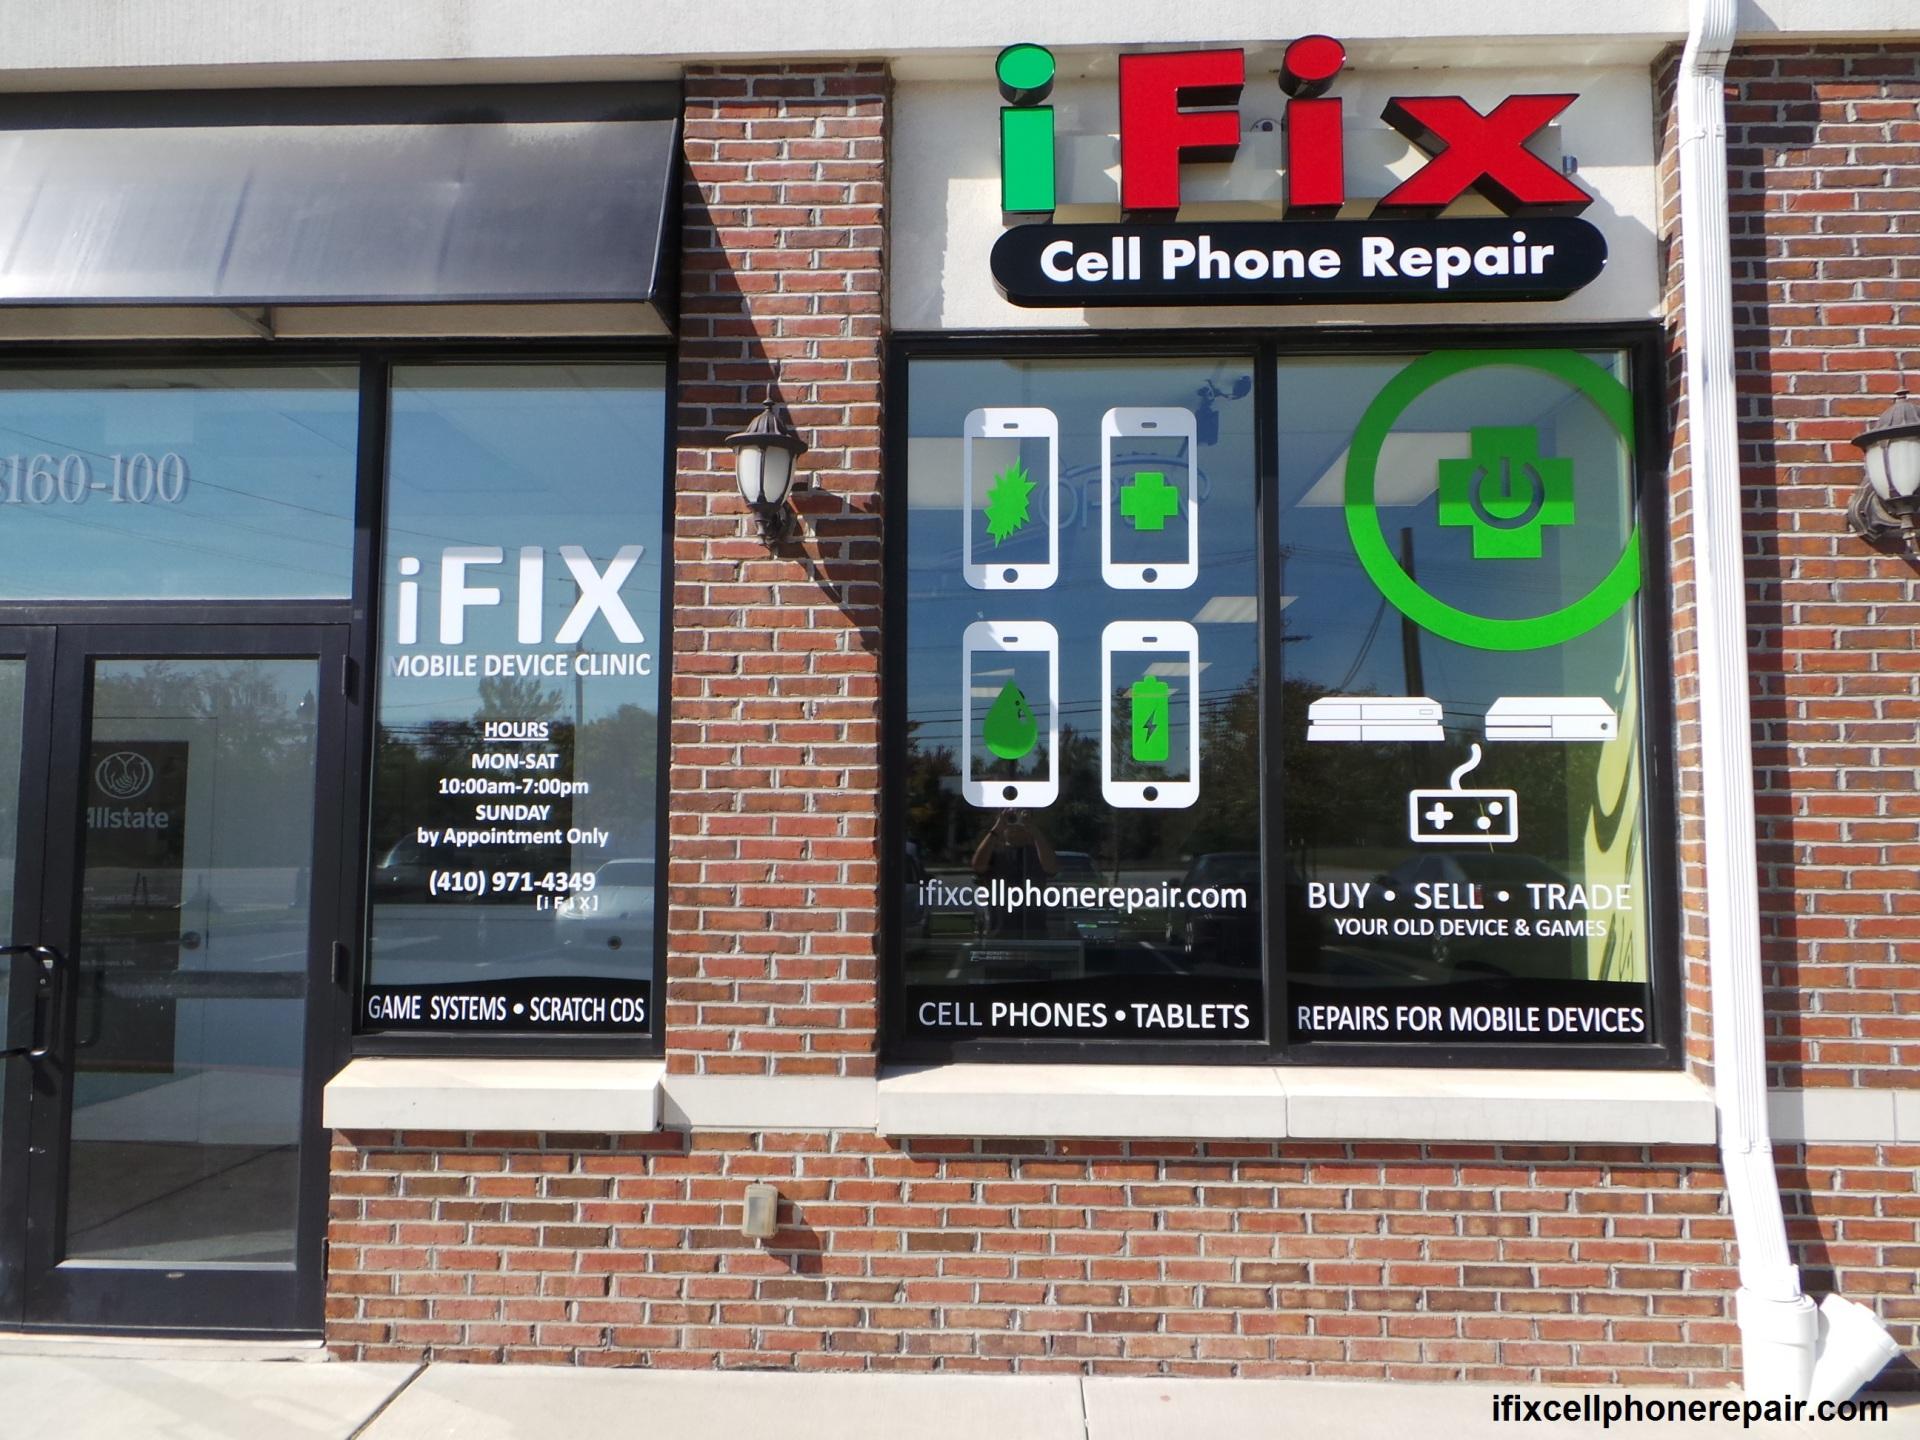 iphone repair,cell phone repair,tablet repair,game console repair,repair while you wait